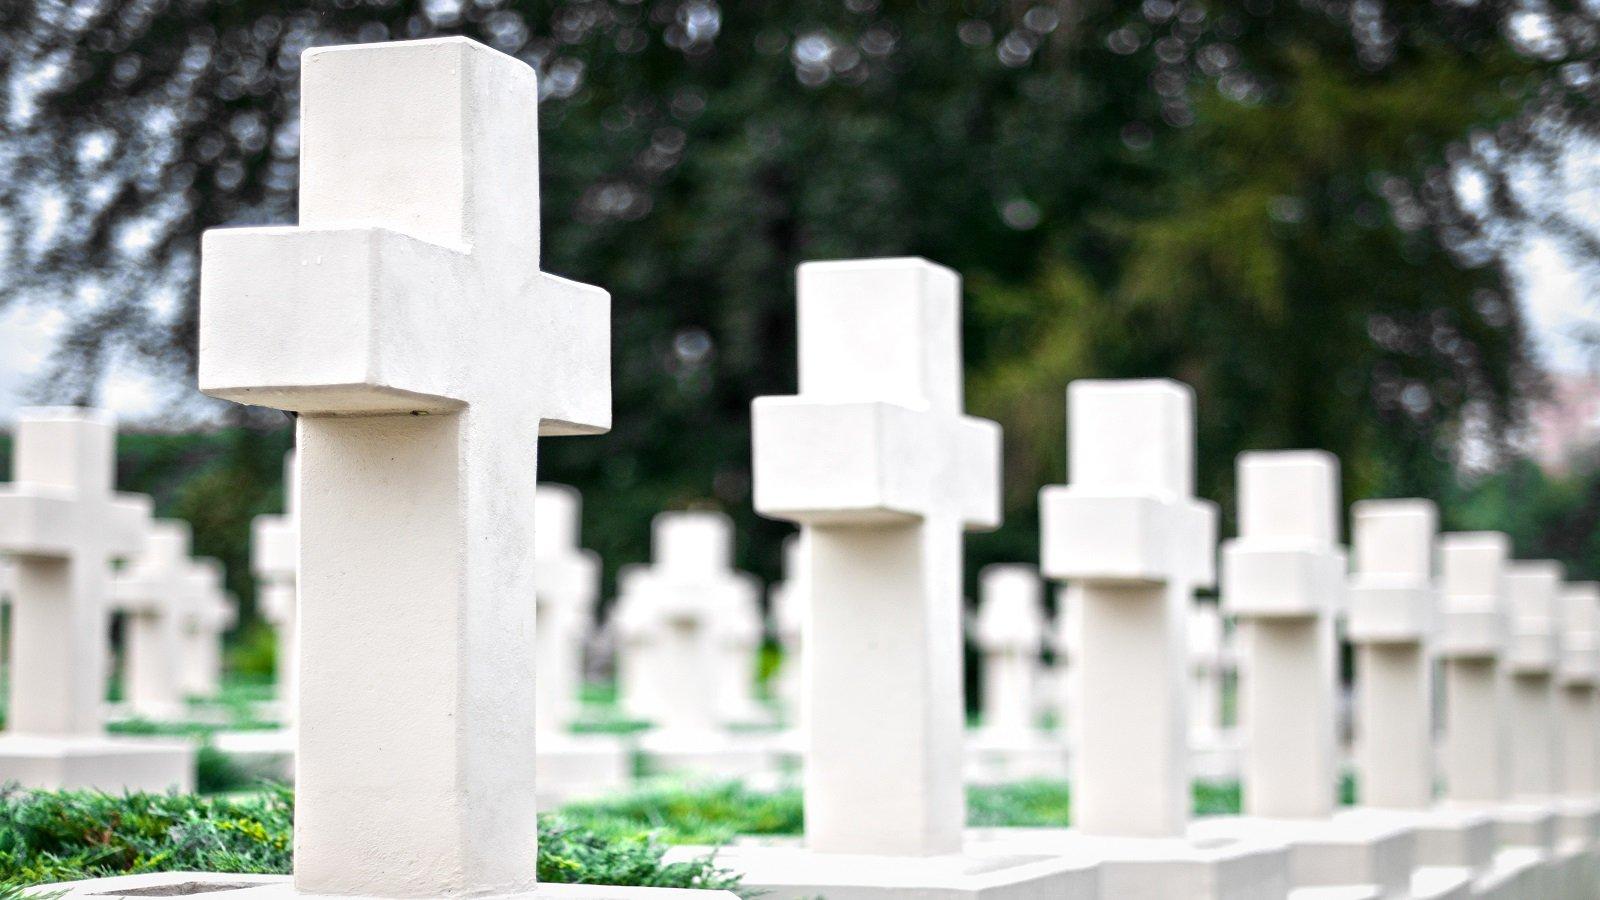 delle tombe con delle croci bianche in marmo in un cimitero